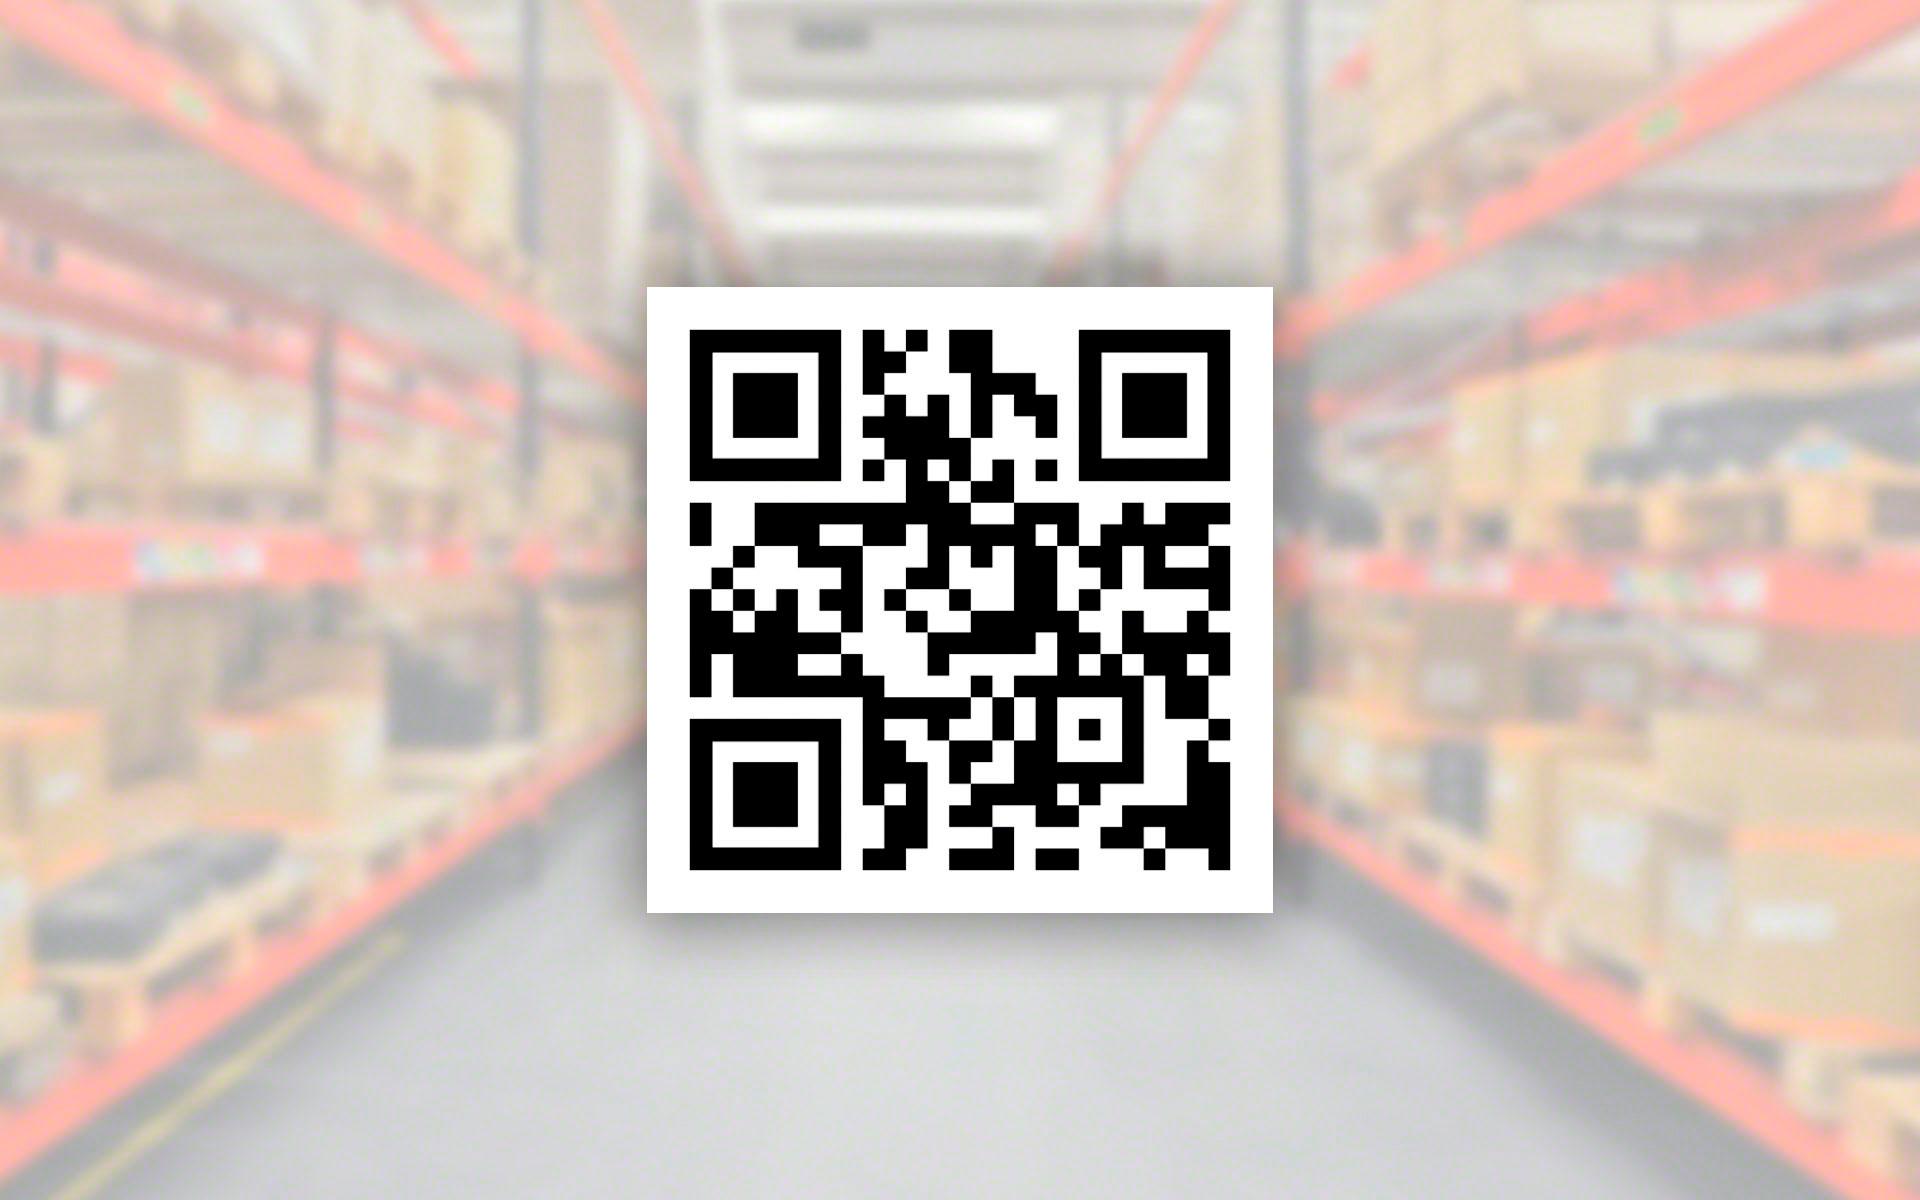 Los códigos QR en logística proporcionan información más detallada sobre los productos que los códigos de barras